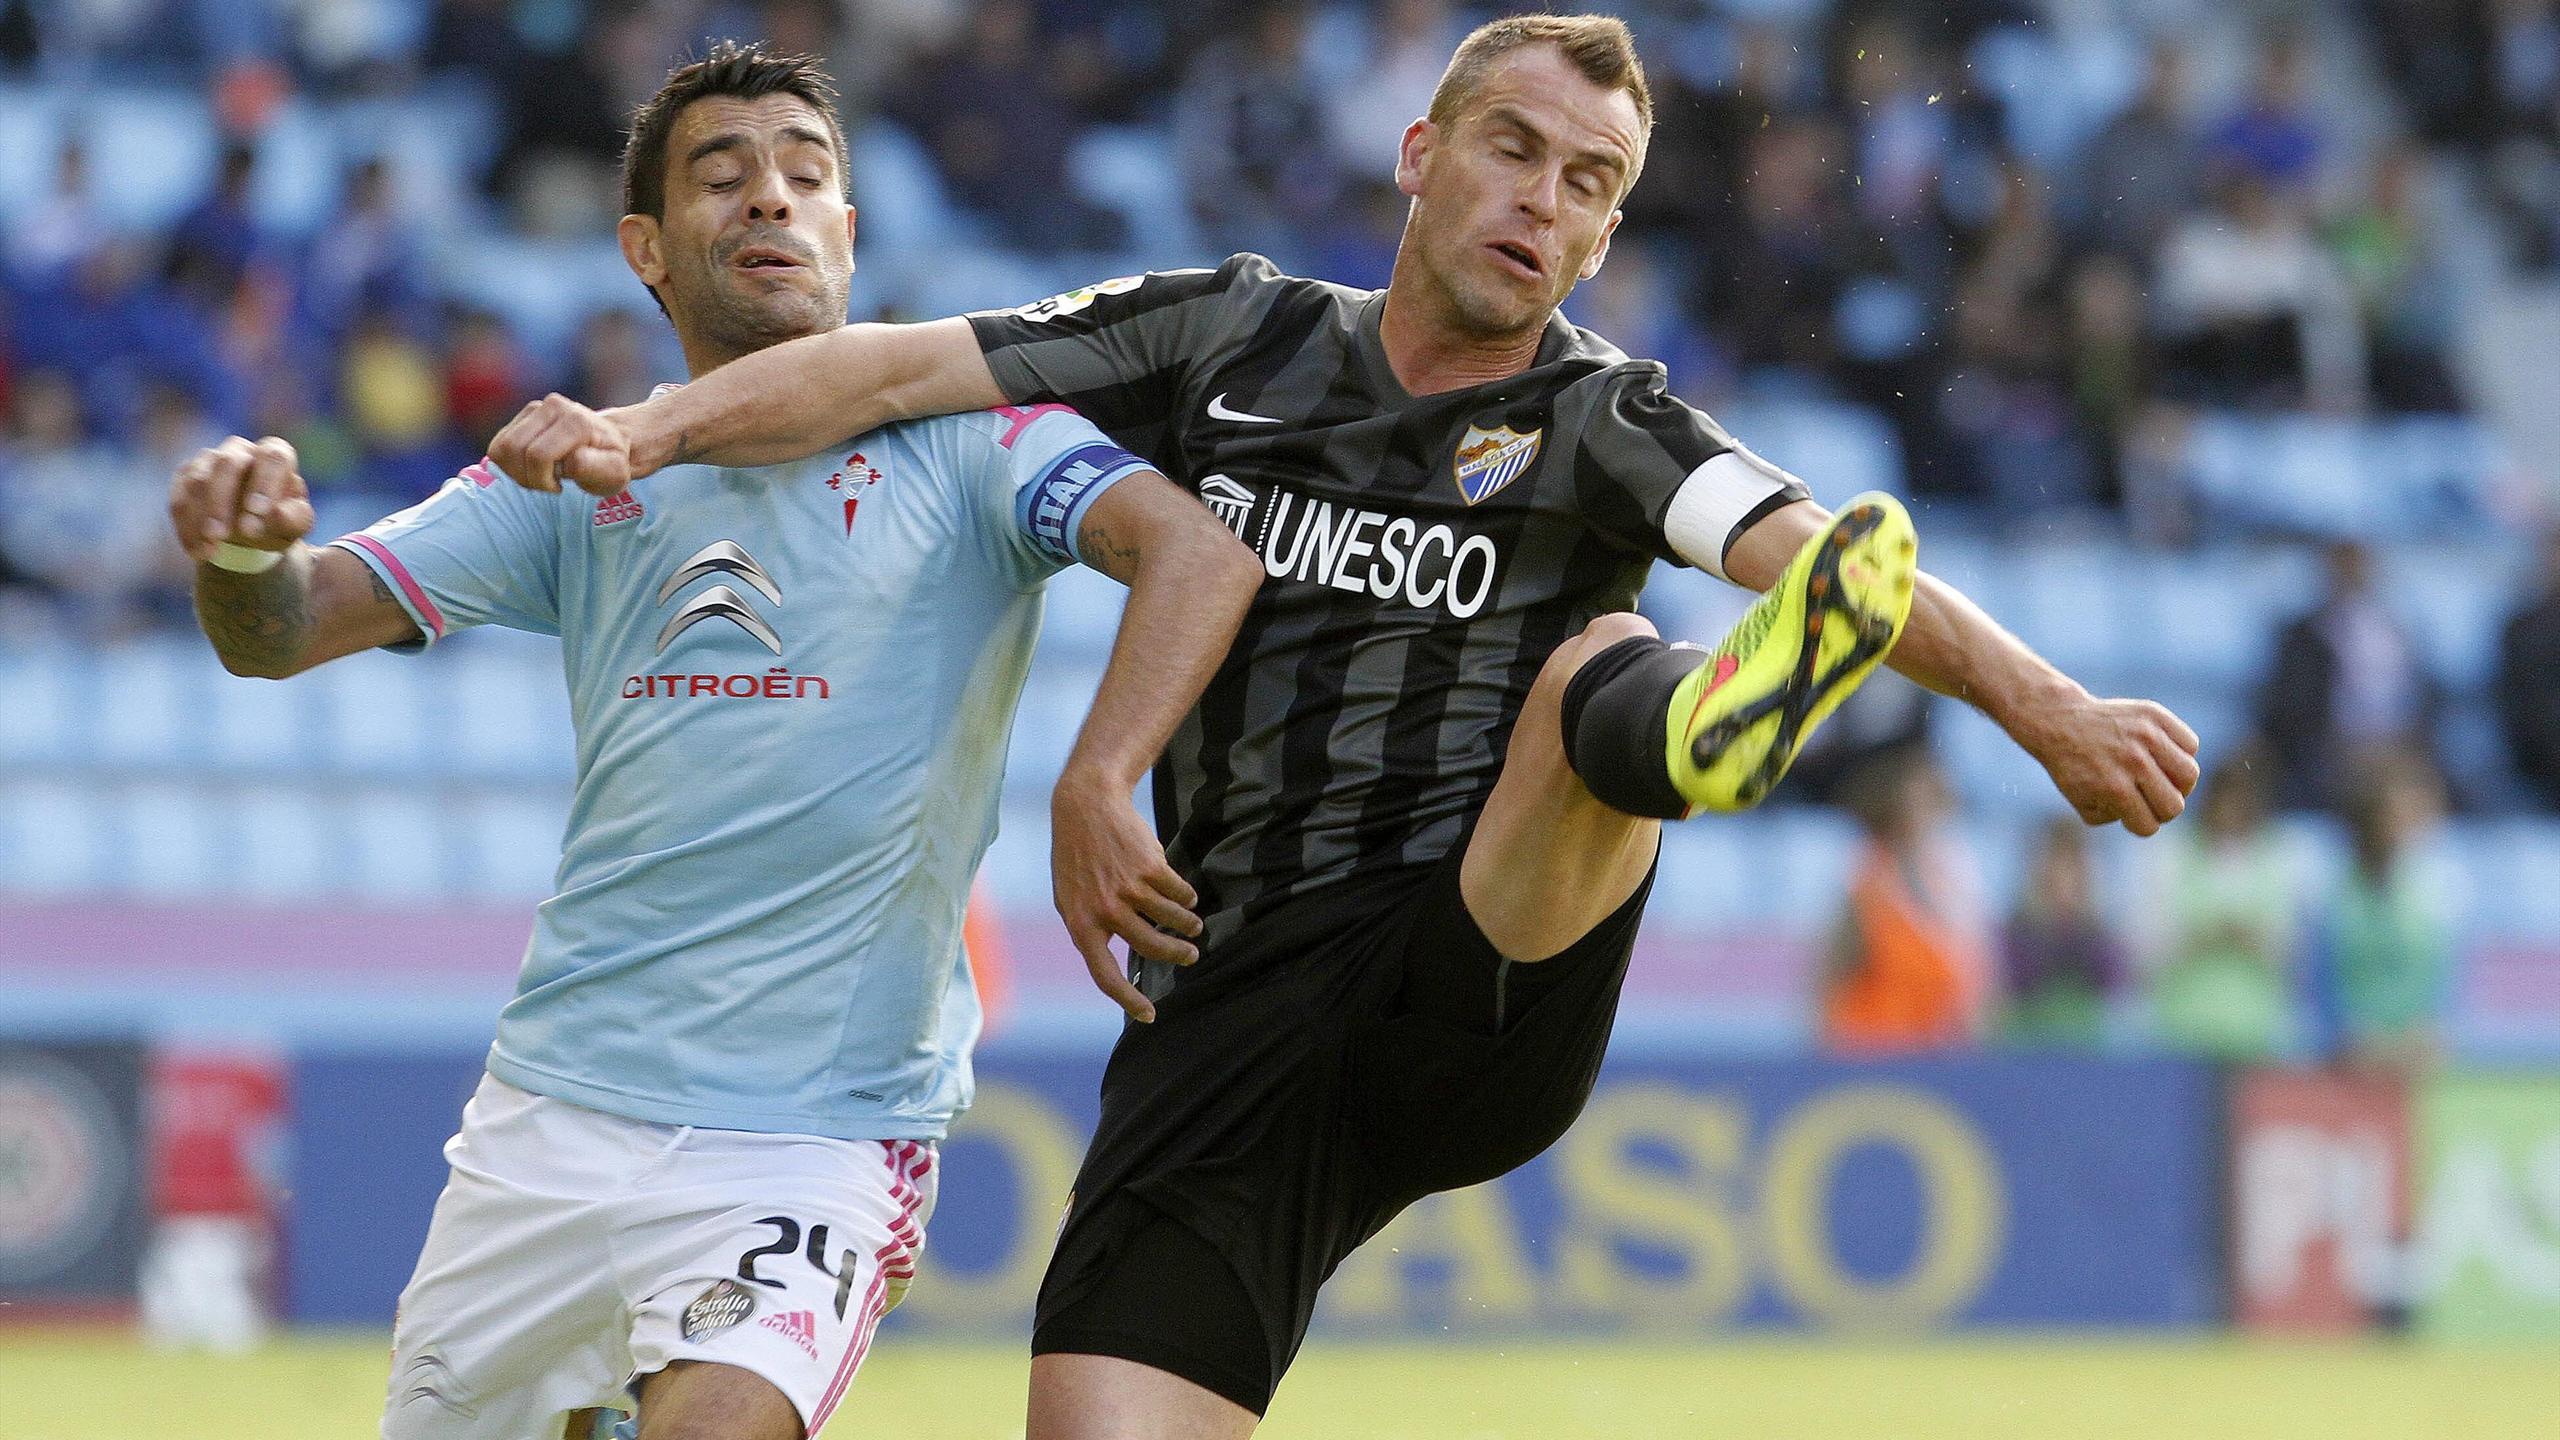 Video: Celta de Vigo vs Malaga